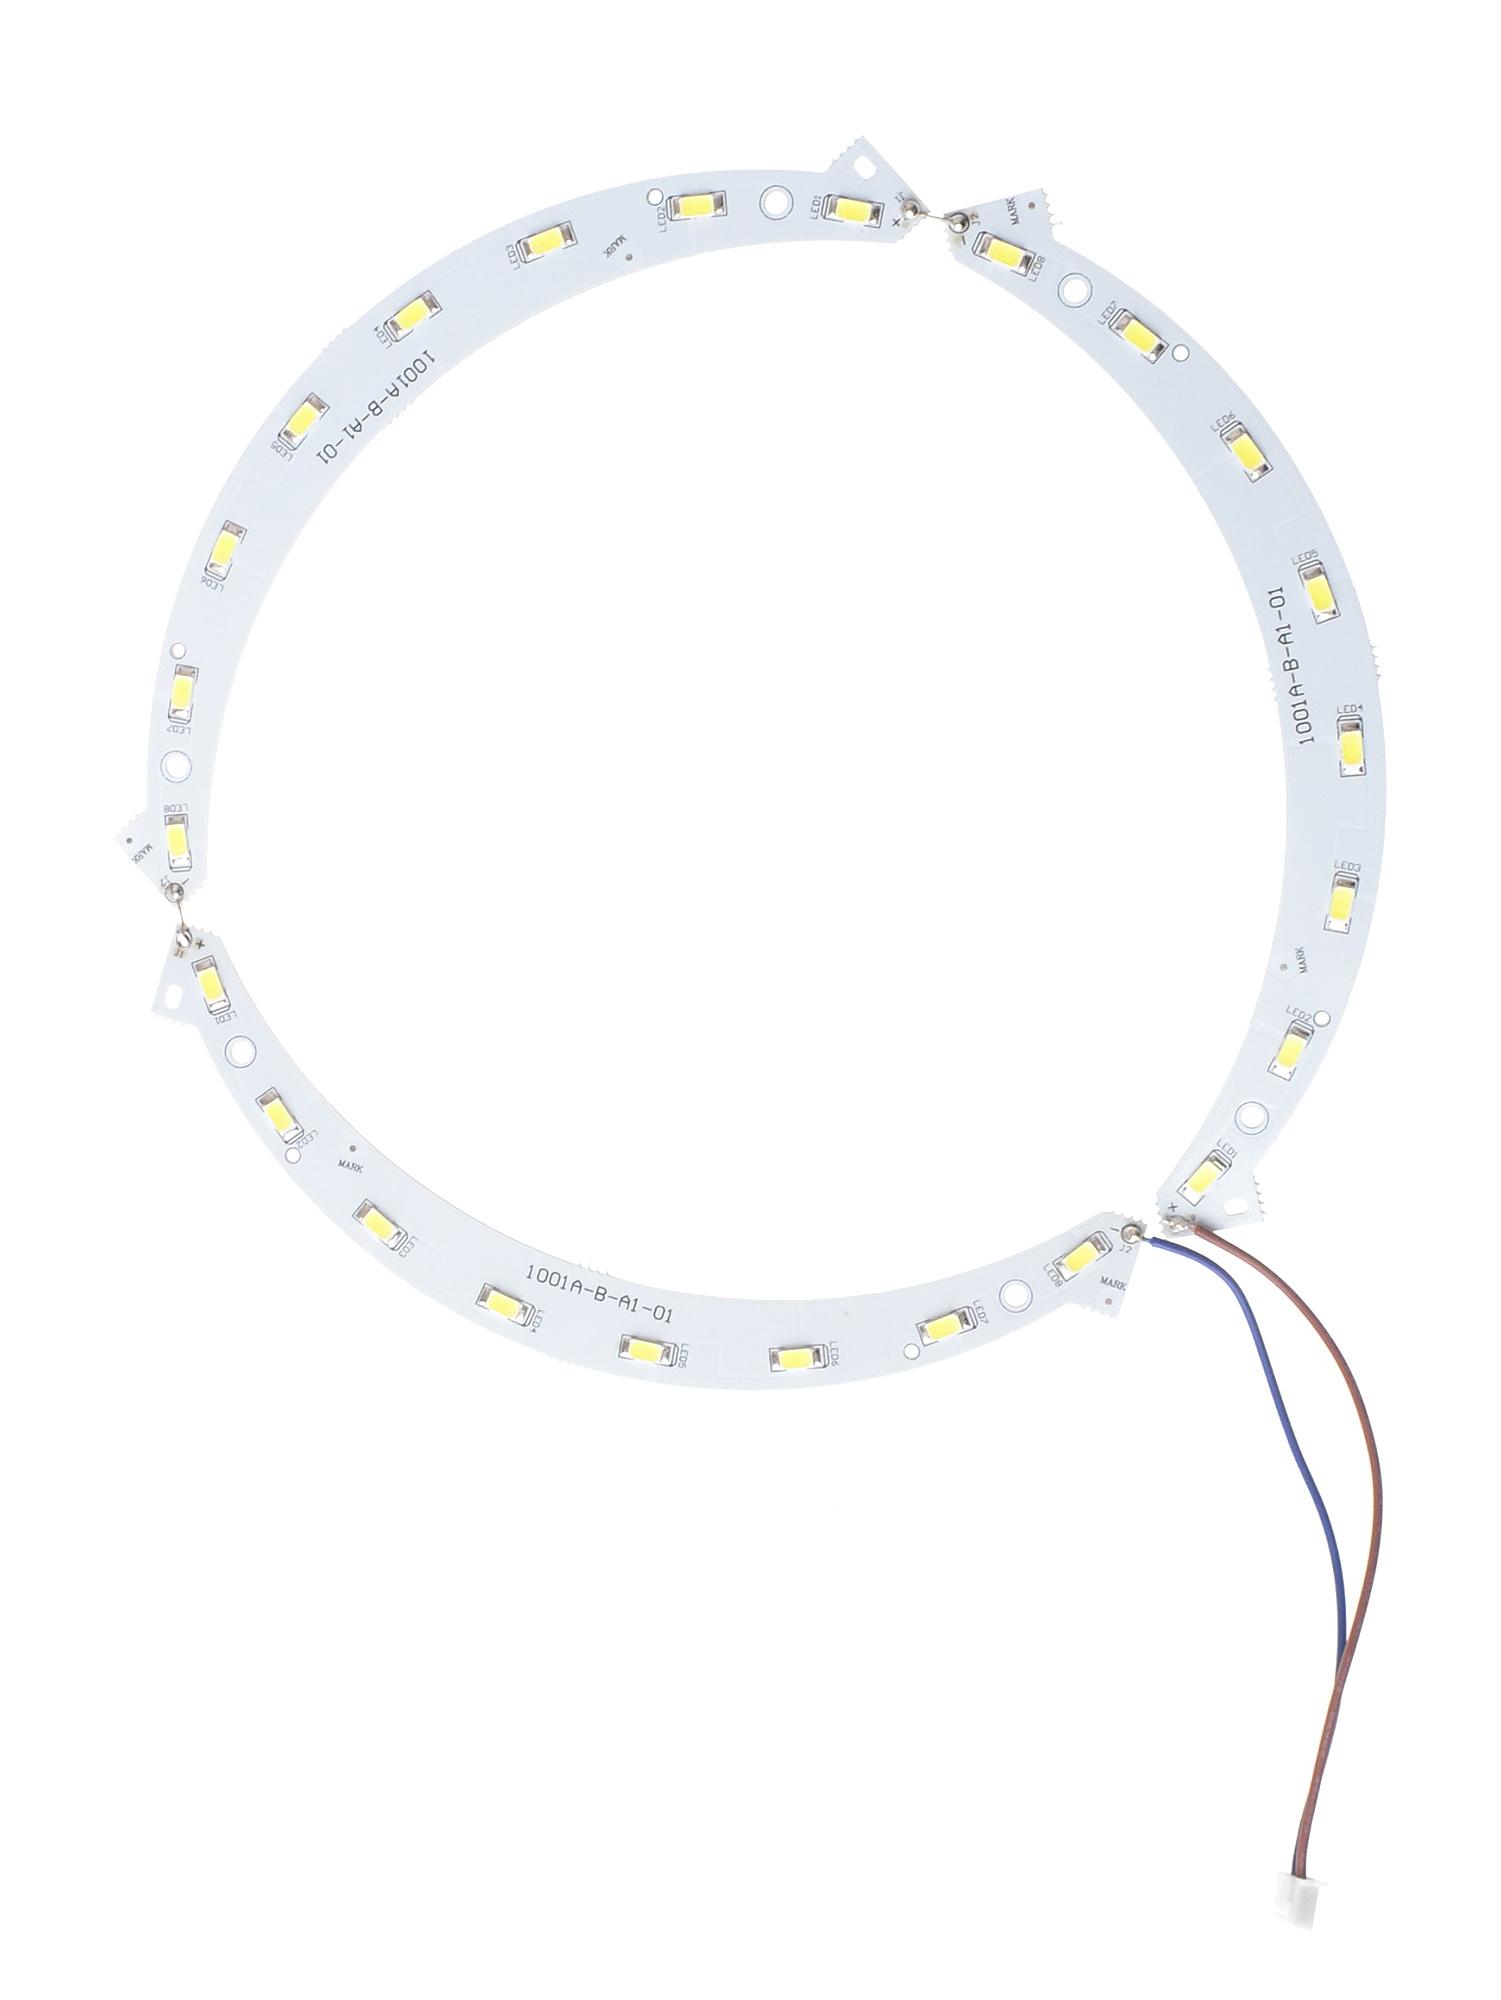 Náhradní LED žárovka pro lampu Weelko 1001A, 1001AT (50060.5) + DÁREK ZDARMA